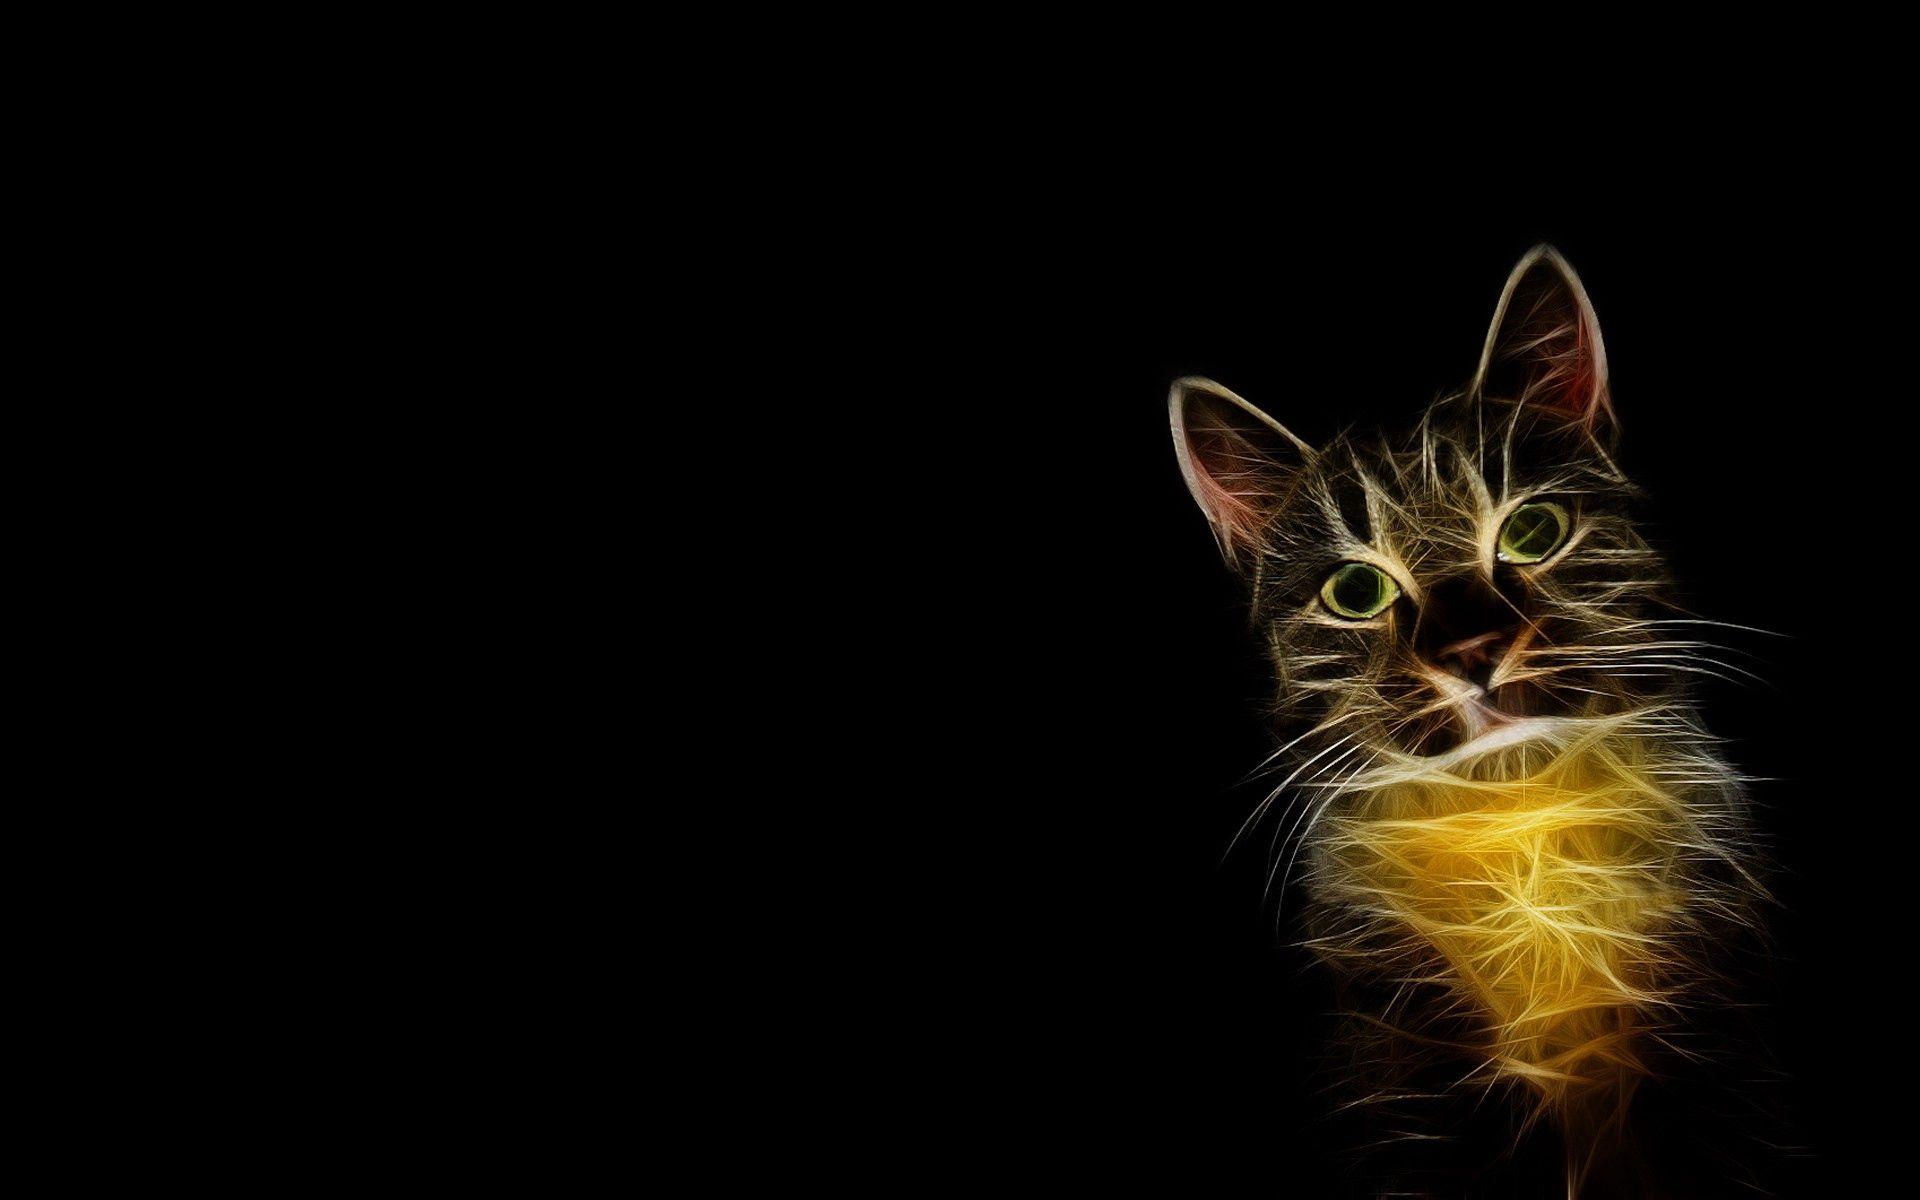 152894 Hintergrundbild herunterladen Abstrakt, Raucher, Züge, Der Kater, Katze, Bild, Zeichnung, Schatten, Funktionen - Bildschirmschoner und Bilder kostenlos